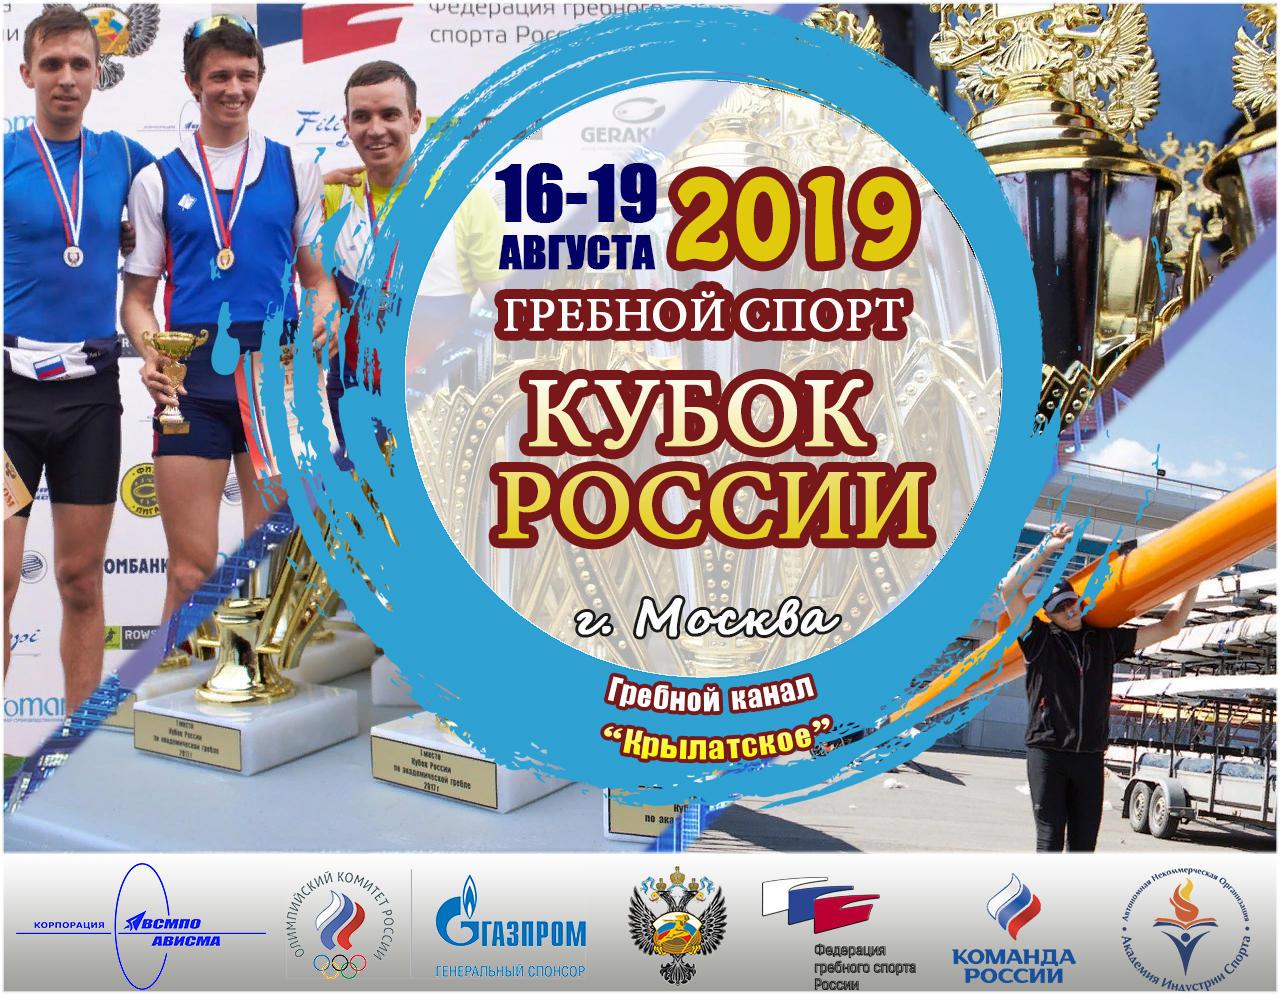 Кубок России по гребному спорту